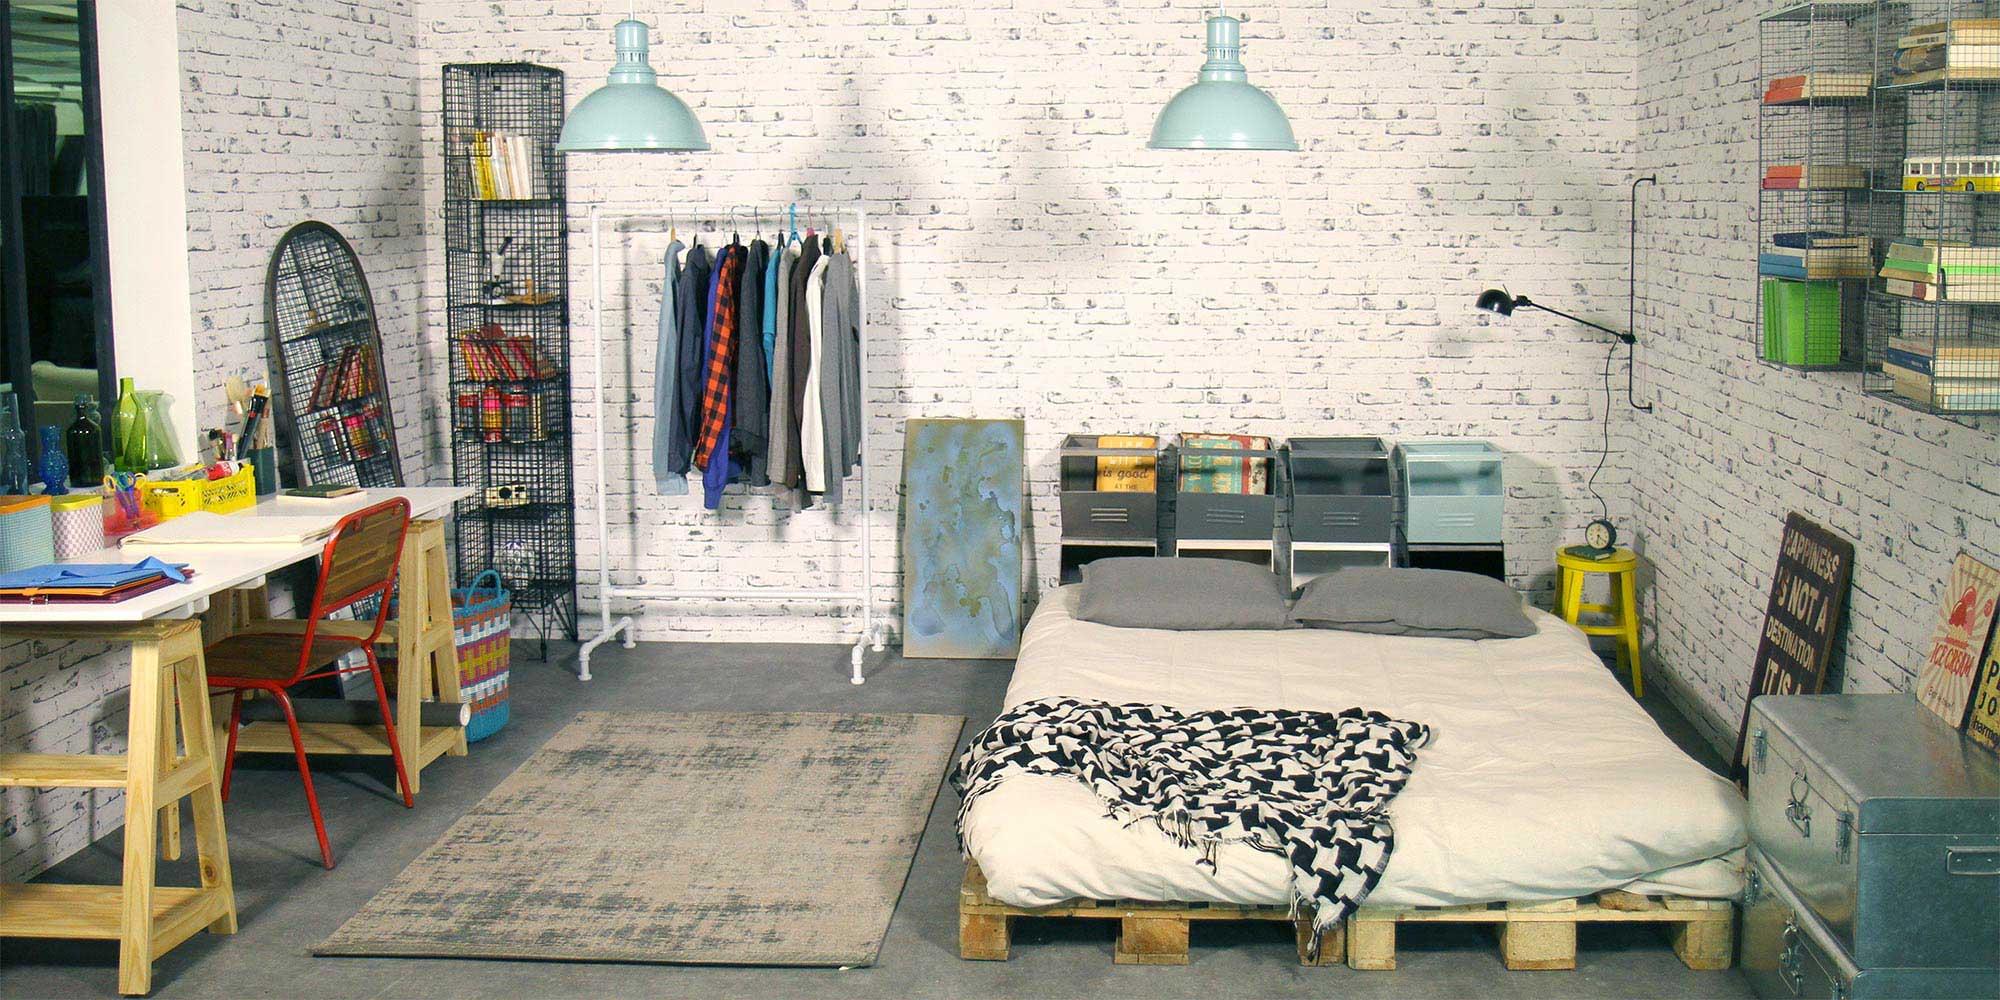 Chambre atelier d 39 artiste pour d fi d int rieur s for Deco atelier loft